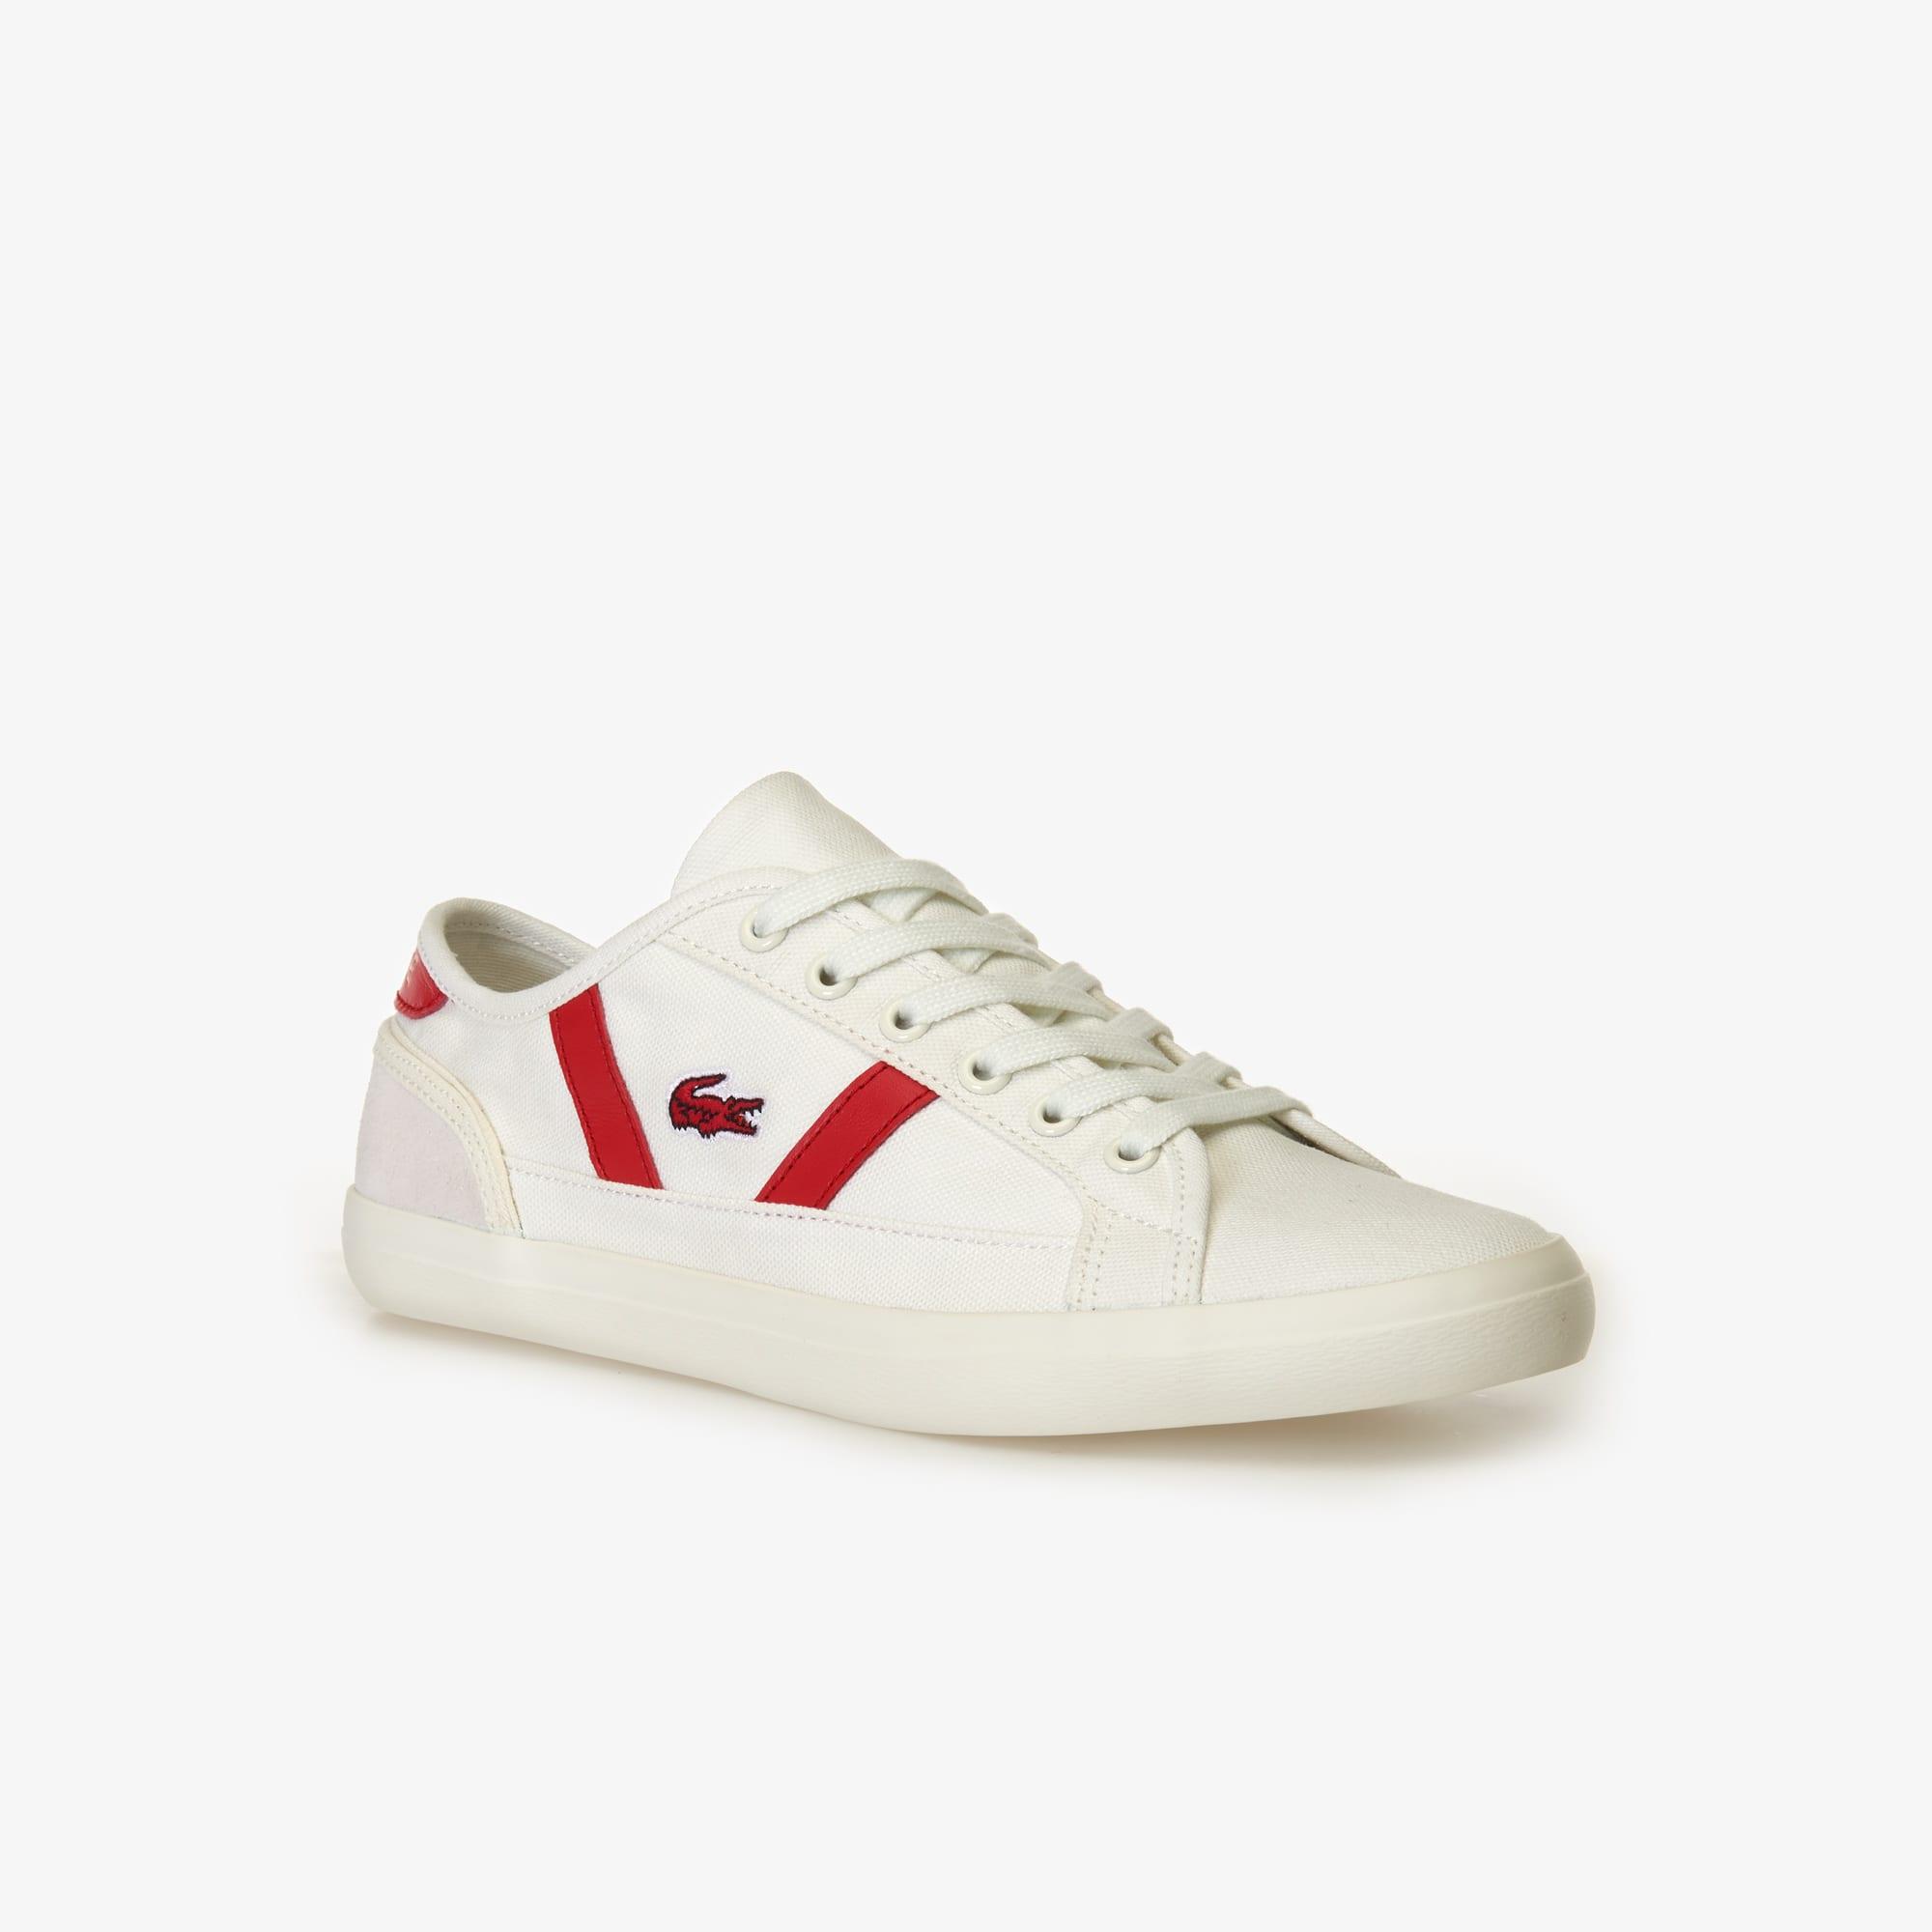 라코스테 우먼 사이드라인 스니커즈 - 화이트/레드 Lacoste Womens Sideline Canvas and Leather Trainers,off white/red